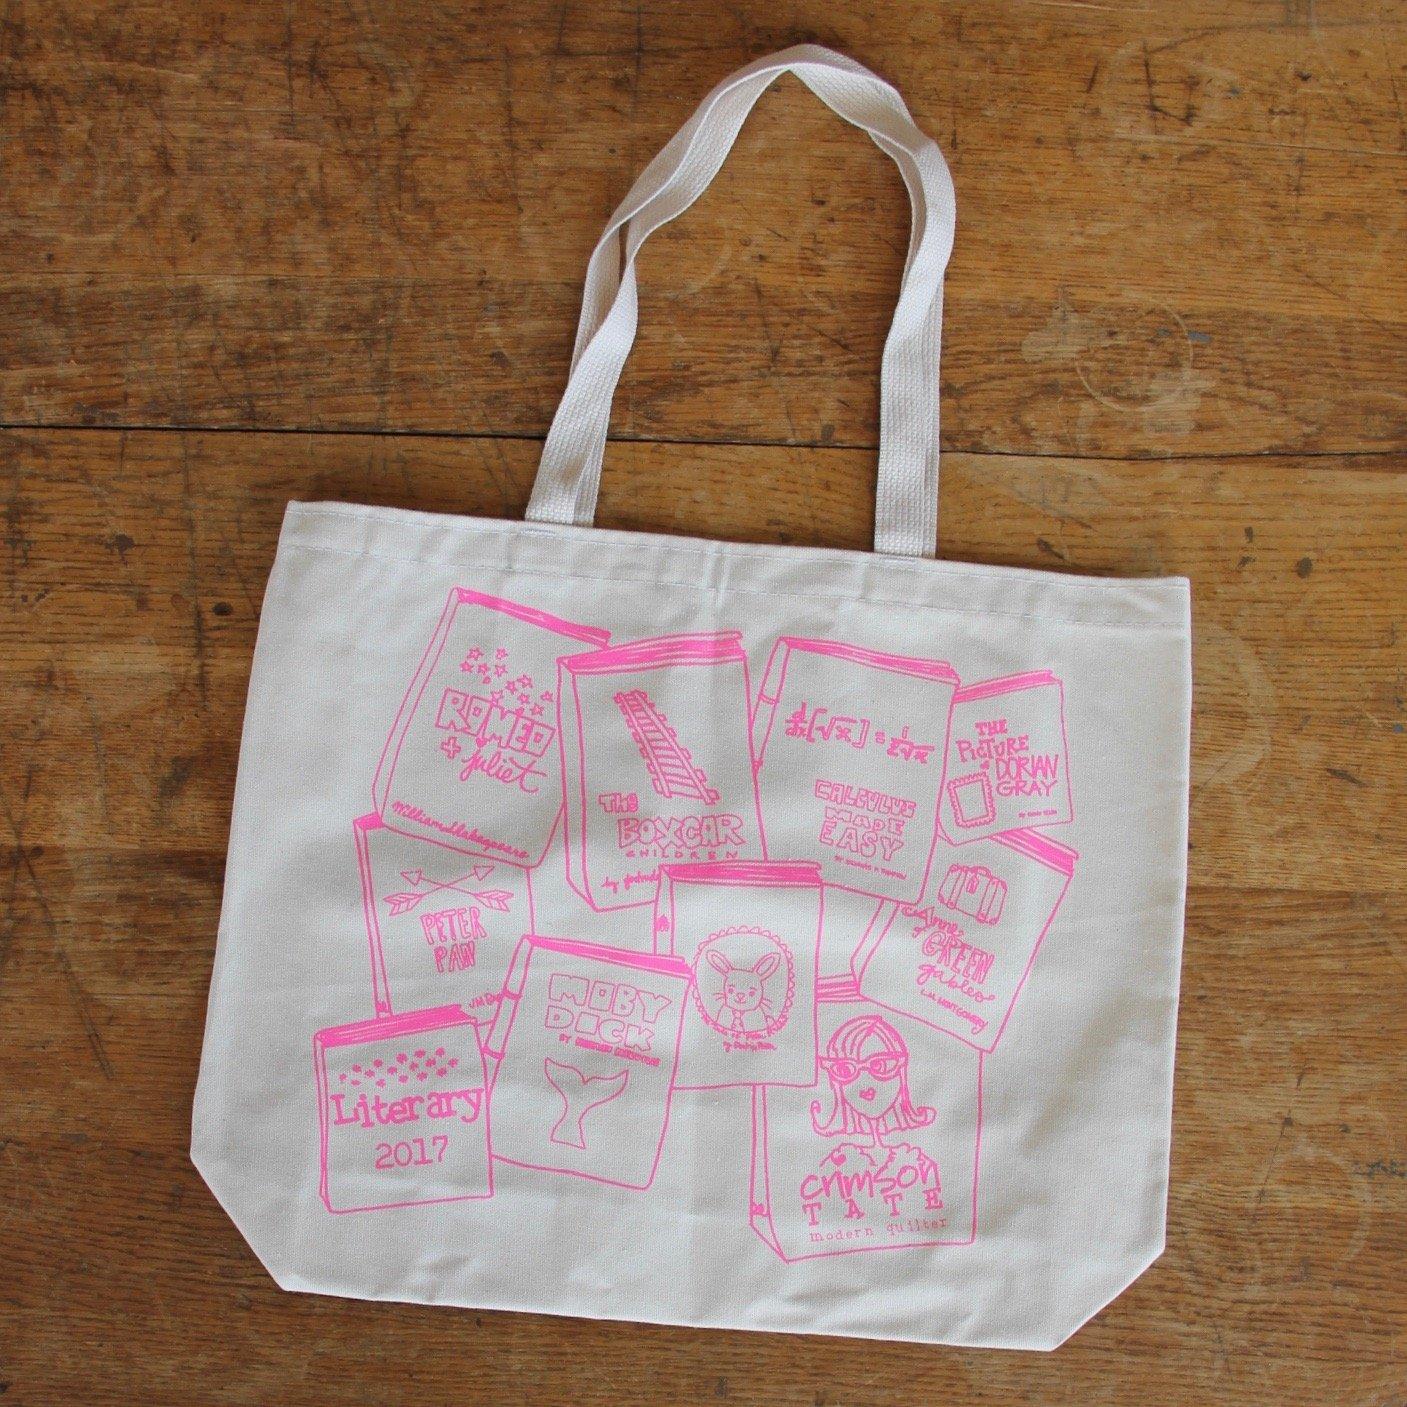 Literary Tote Bag